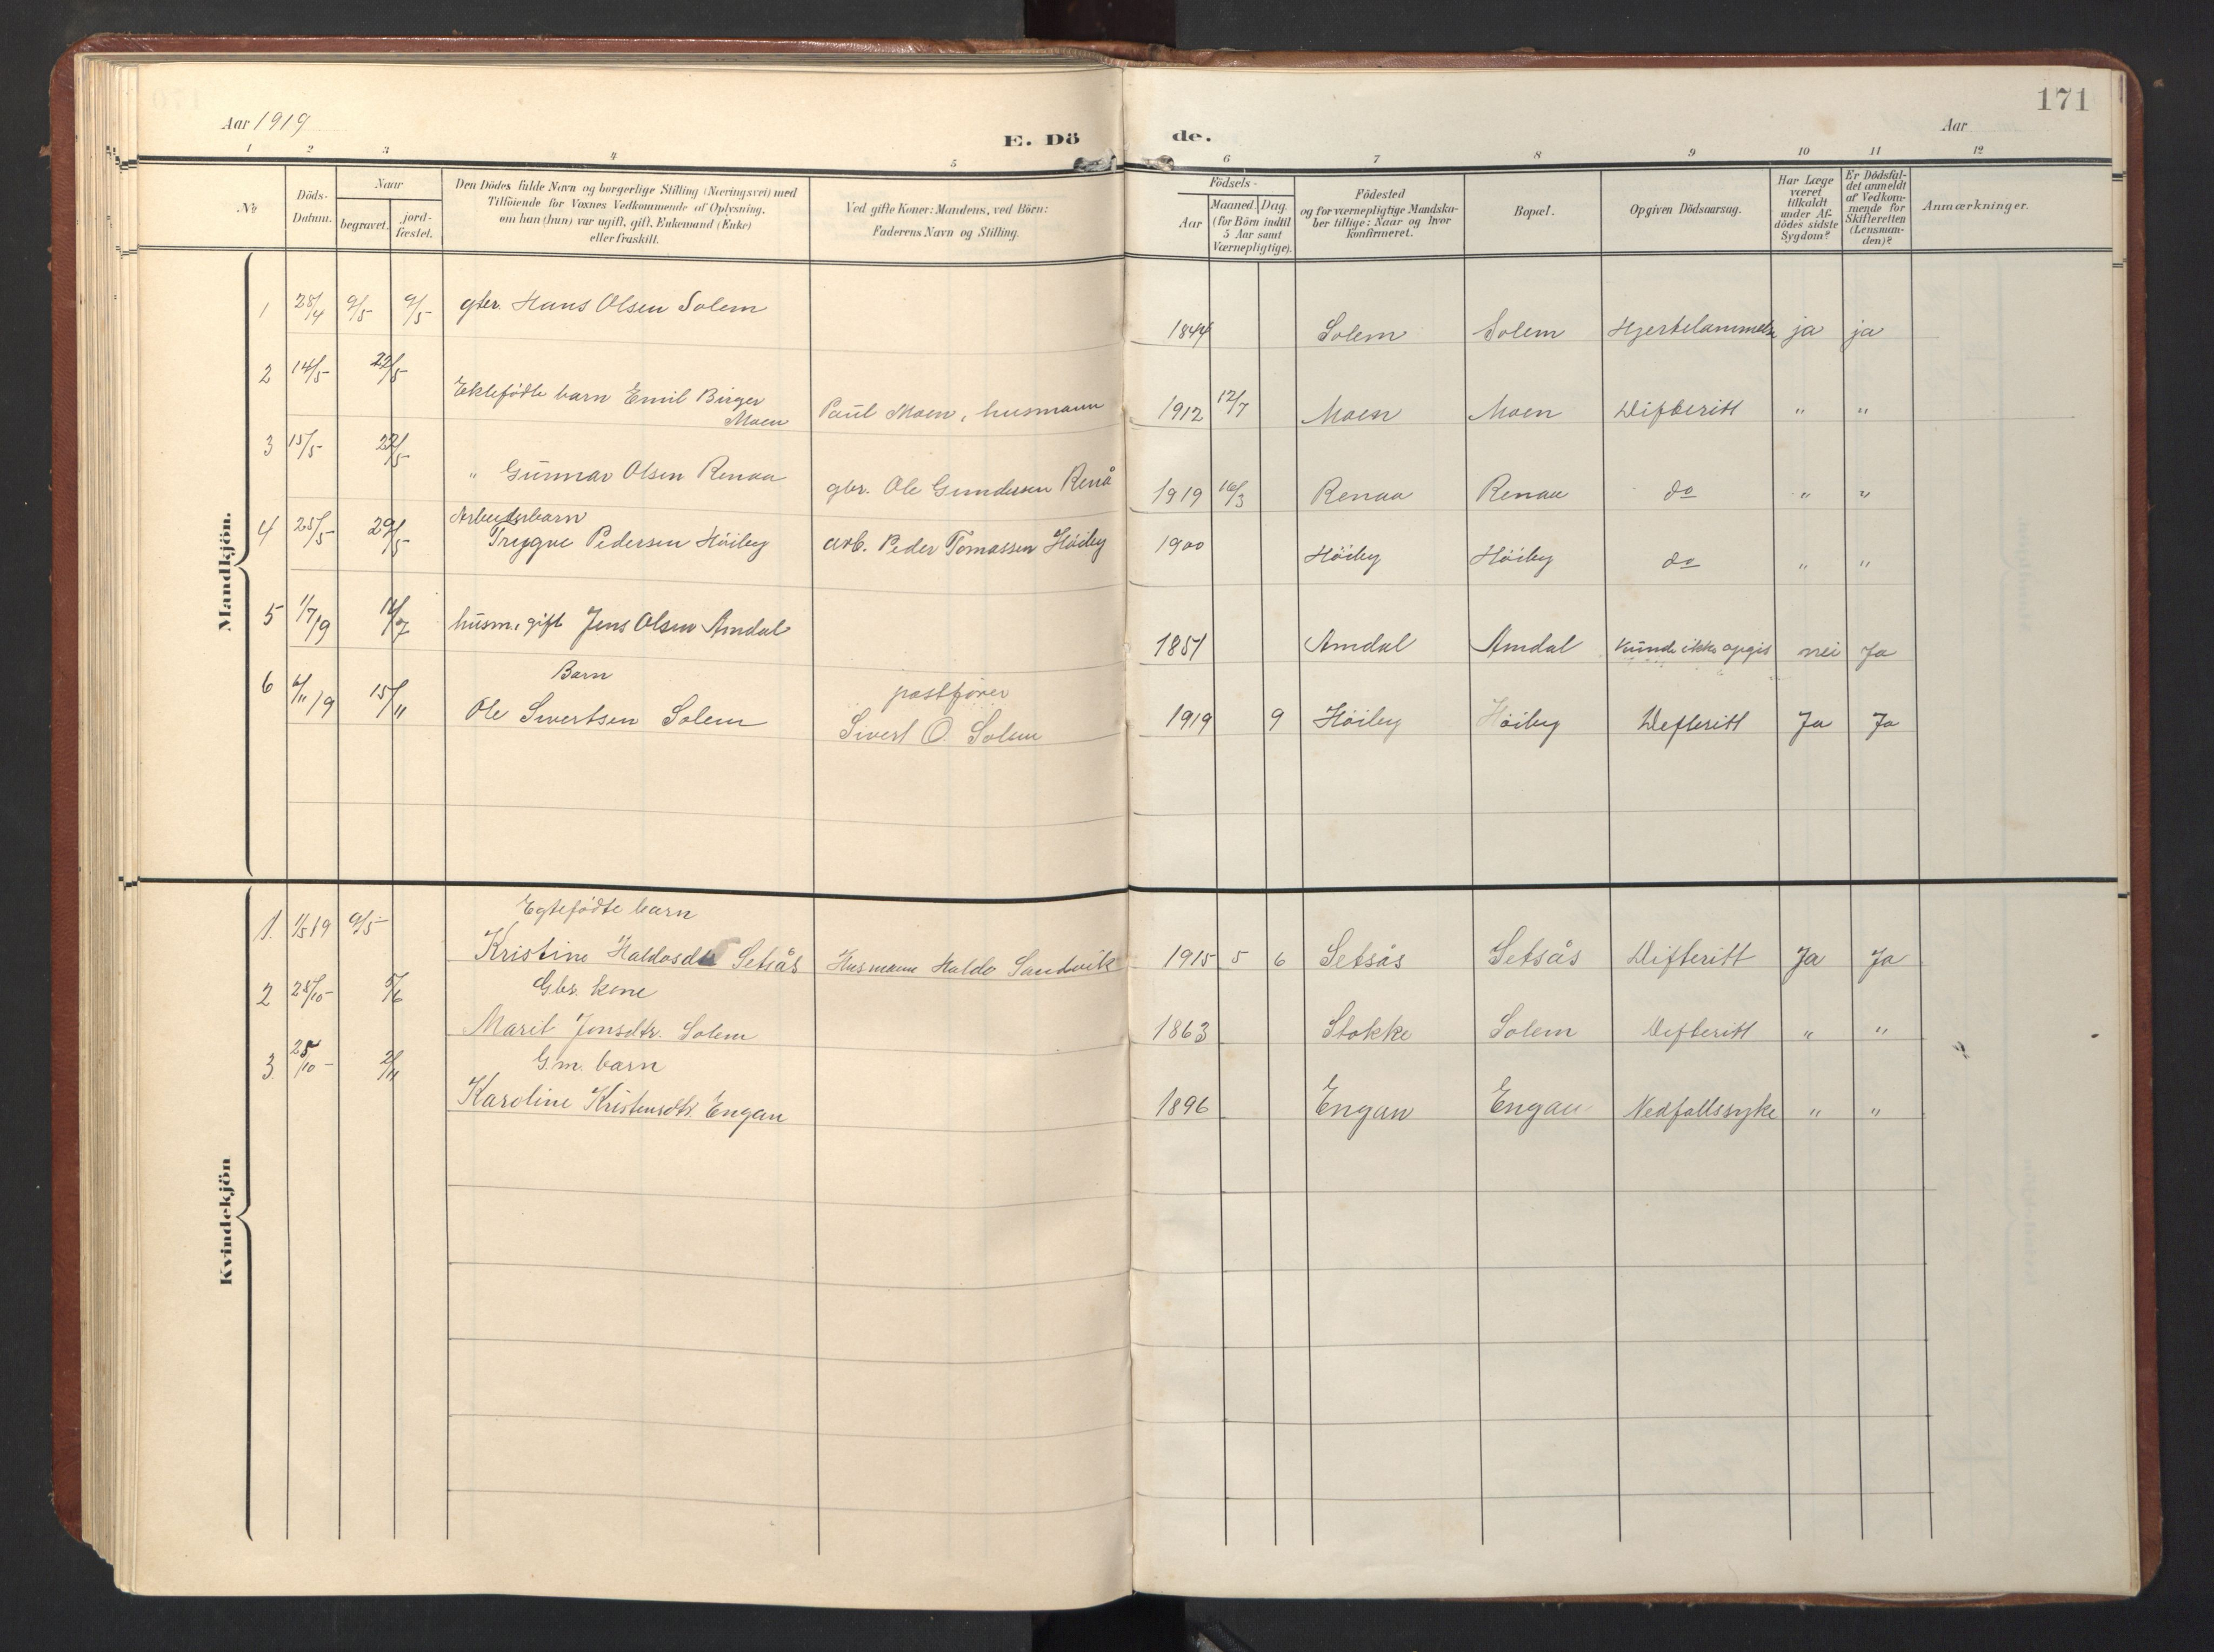 SAT, Ministerialprotokoller, klokkerbøker og fødselsregistre - Sør-Trøndelag, 696/L1161: Klokkerbok nr. 696C01, 1902-1950, s. 171